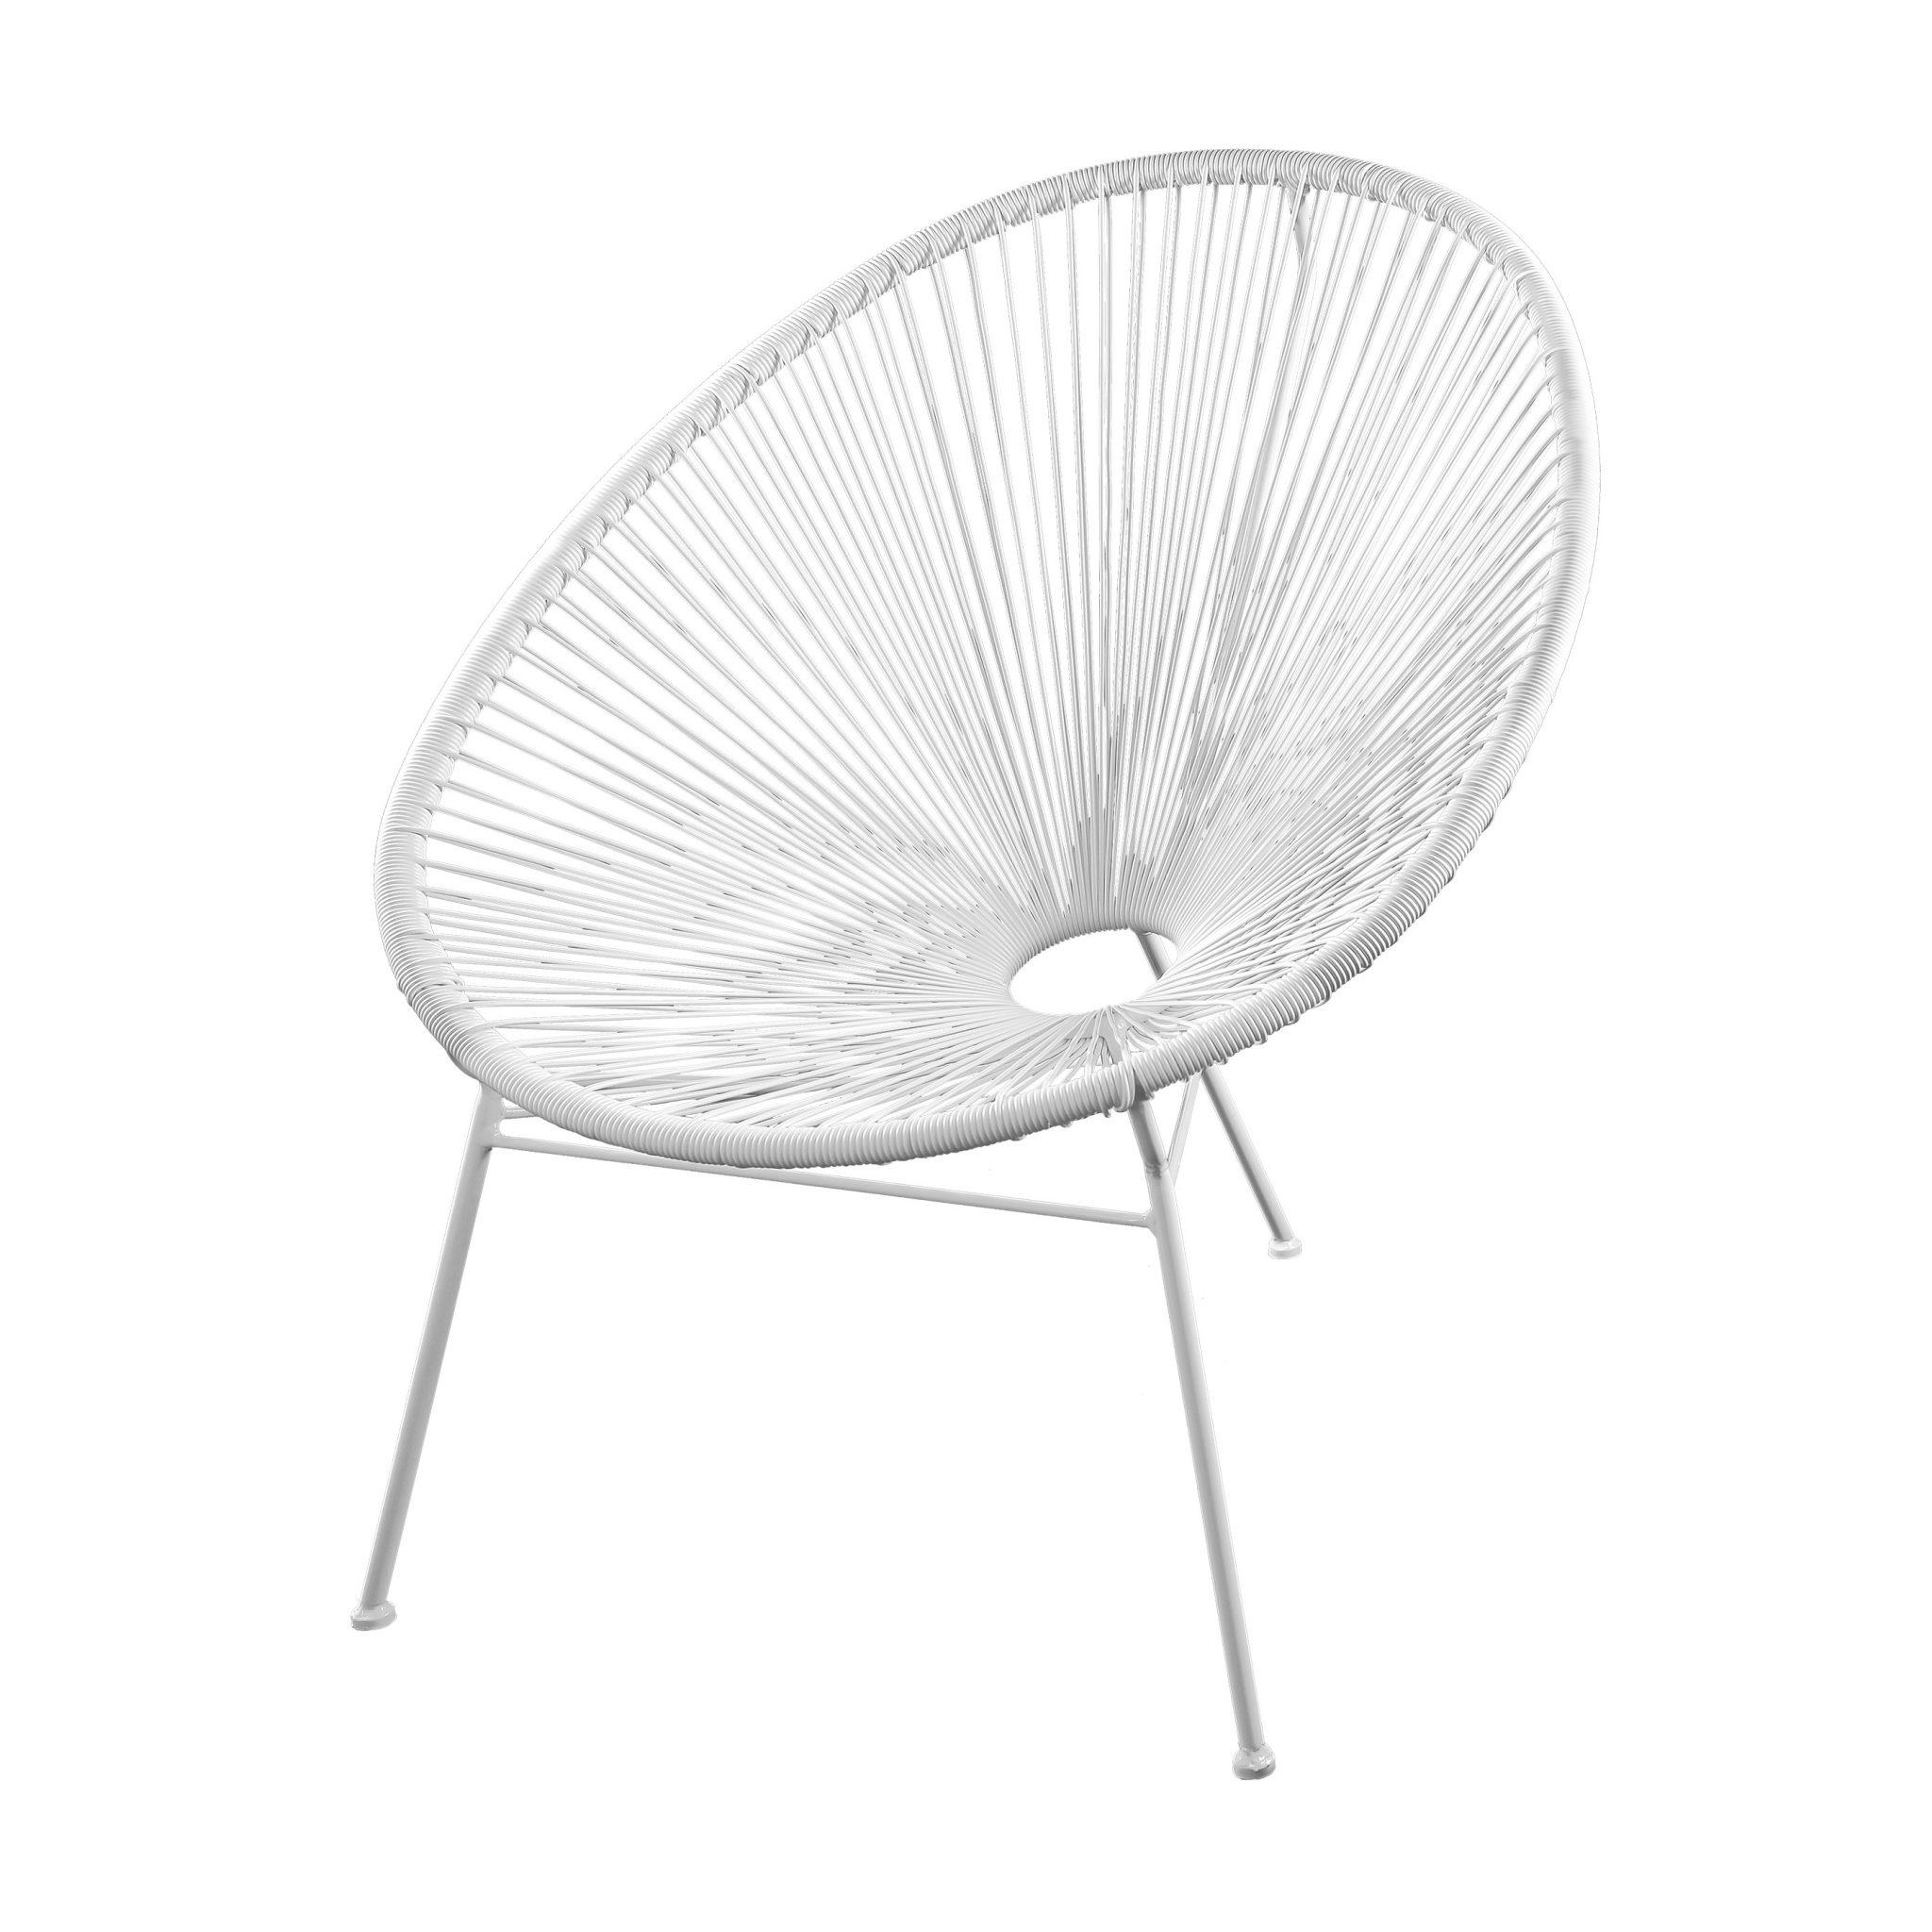 SKASON PULKKO - Acapulco Chair, Design Sessel in weiß